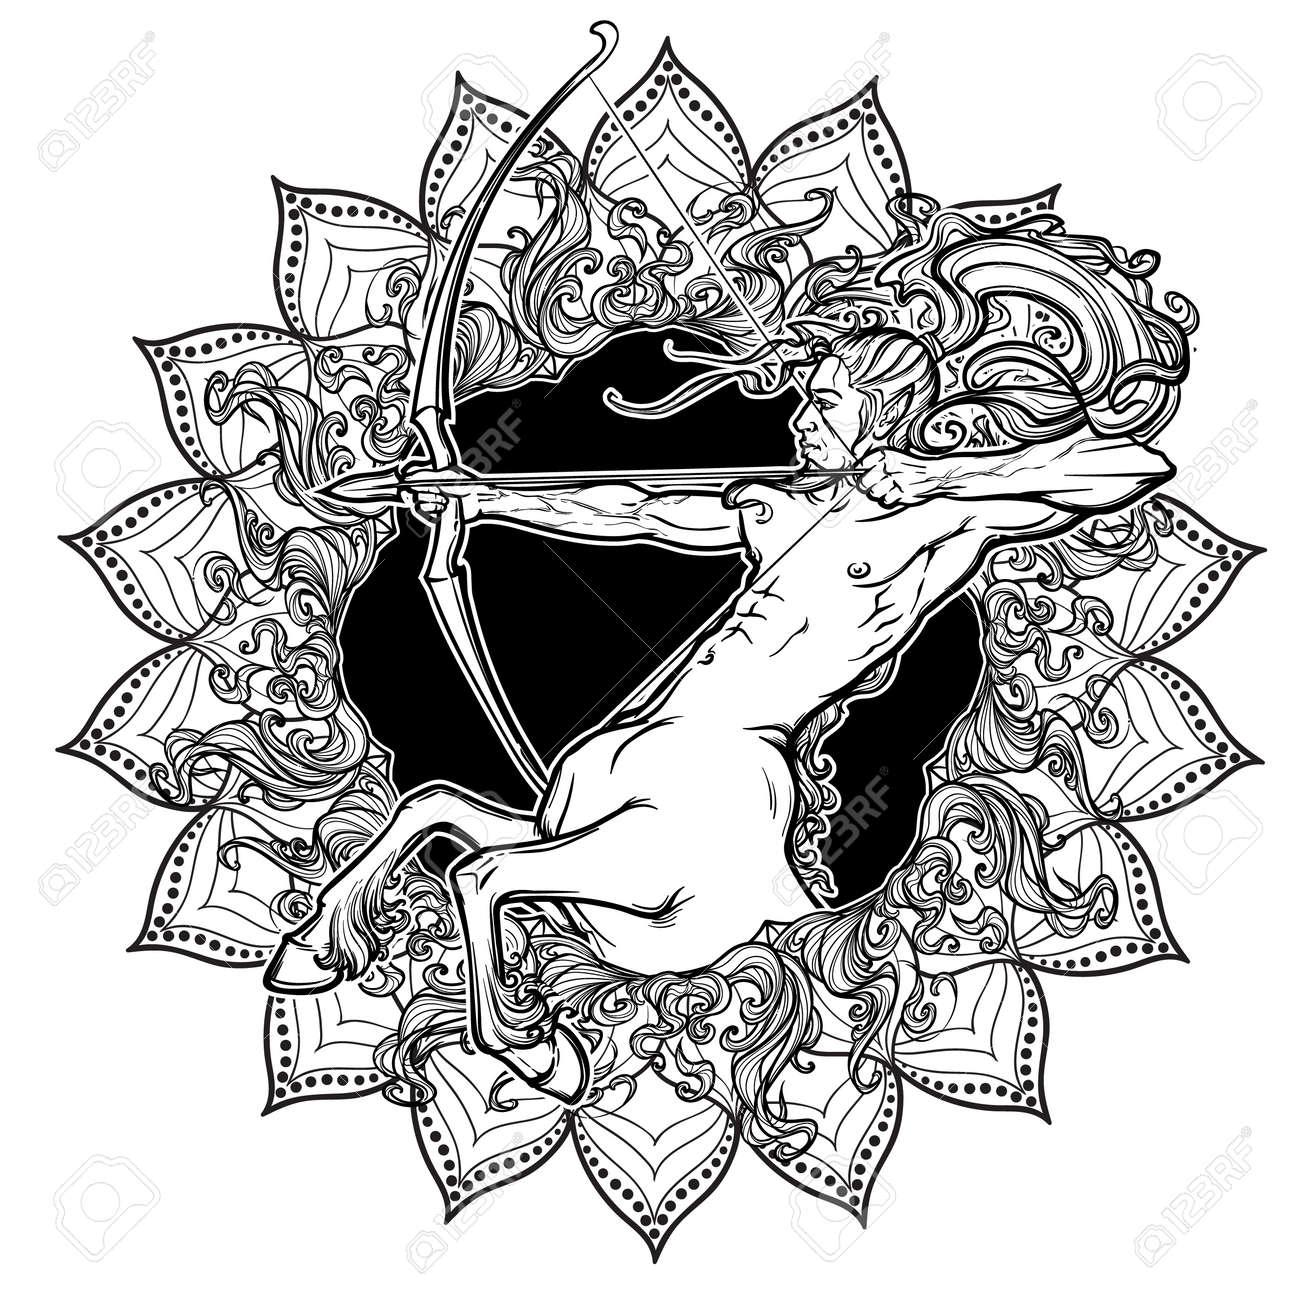 Element Powers: Aquarius, Sagittarius, Aries, Taurus